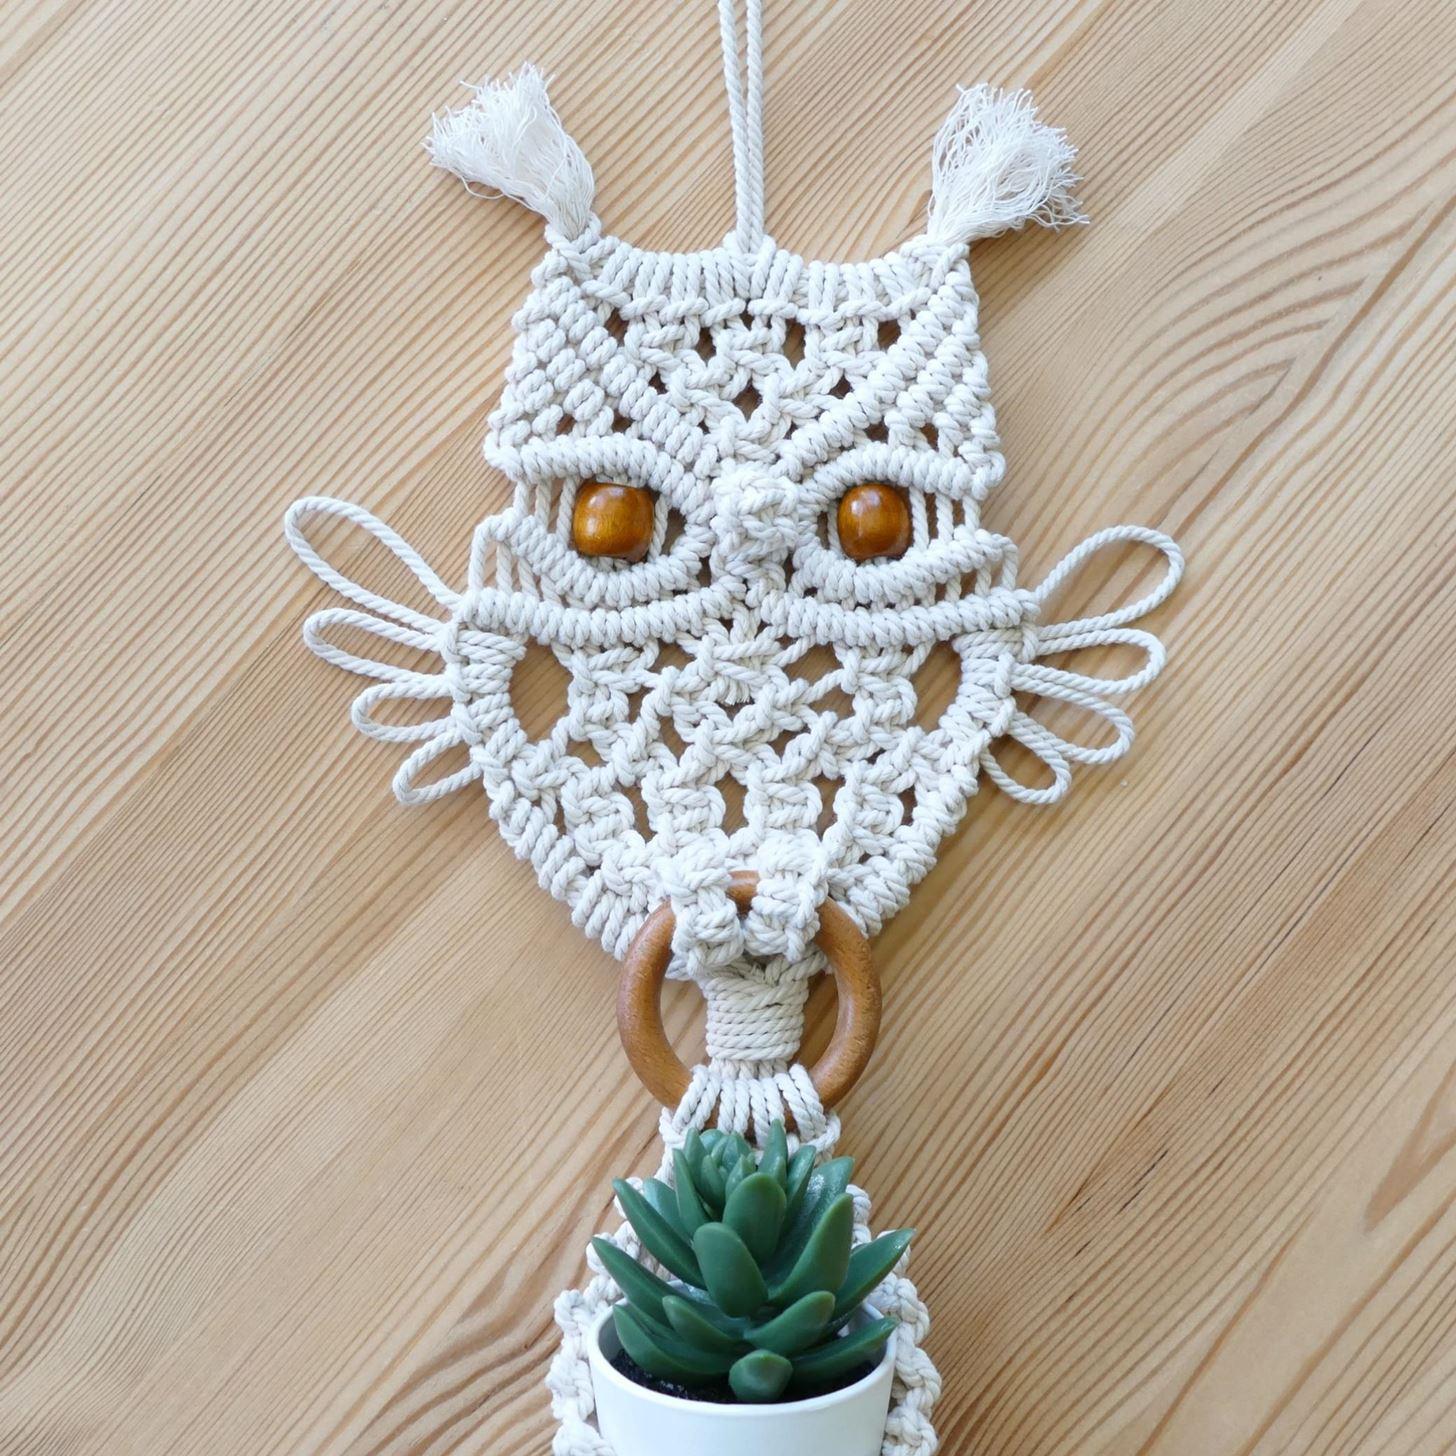 Macrame Owl Plant Hanger Tutorial